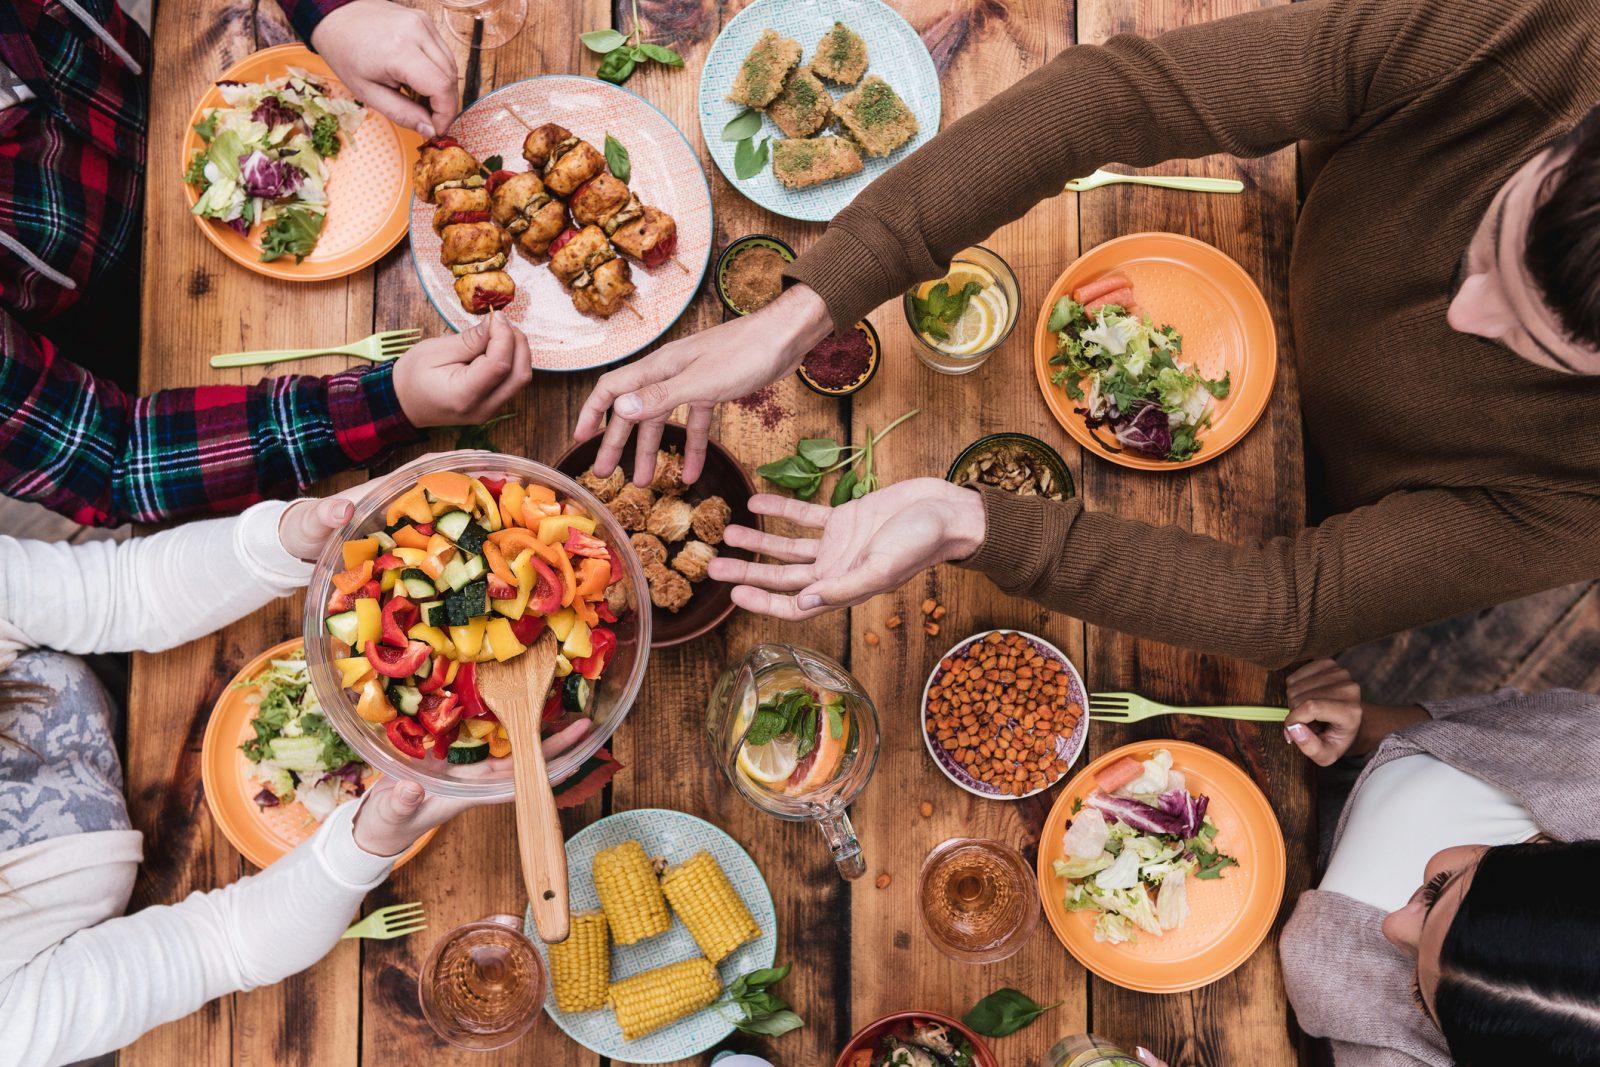 Etre socialement épanoui en suivant un régime sans gluten